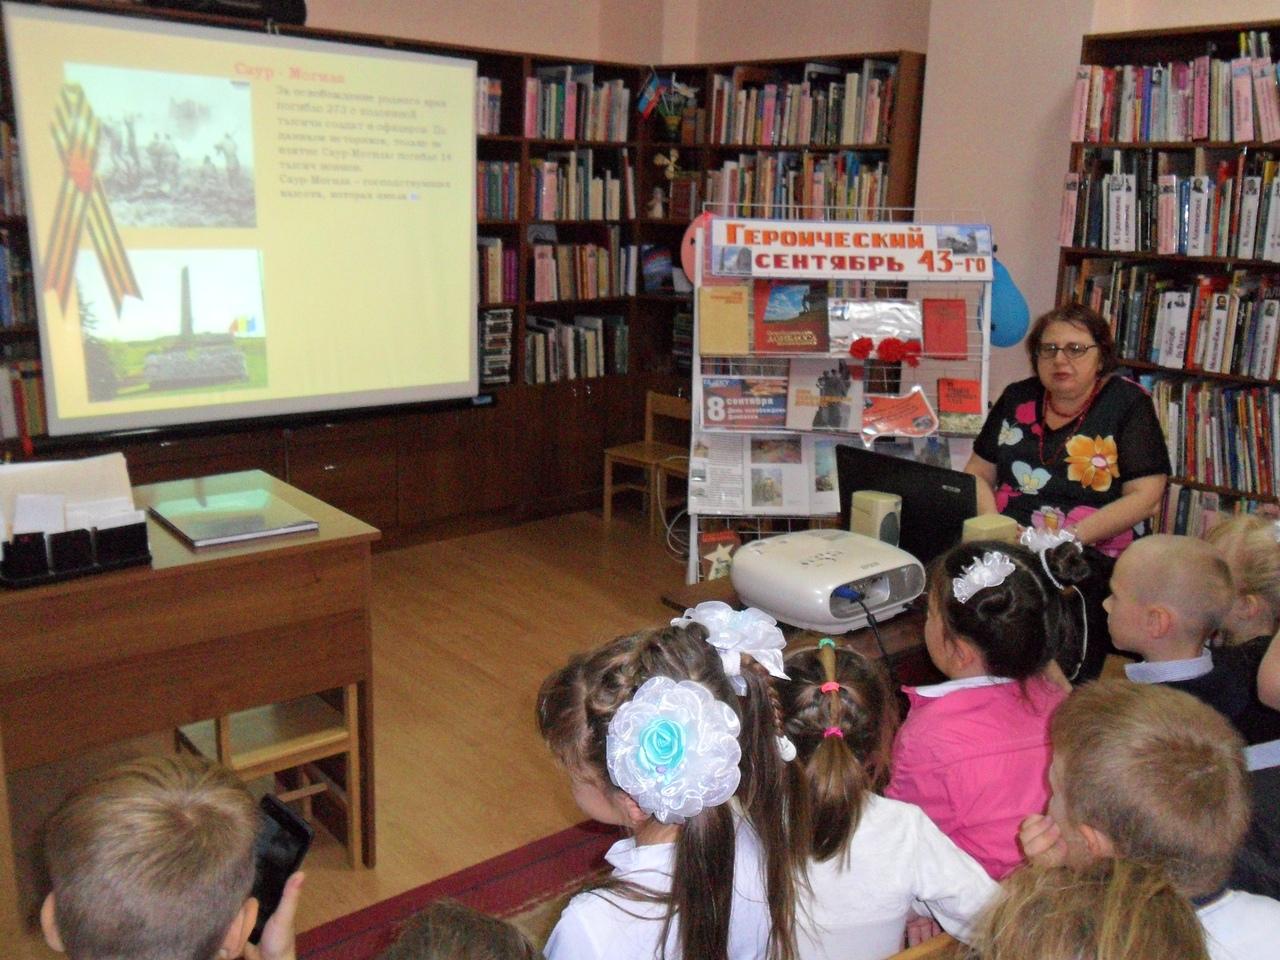 отдел искусств, занятия с детьми, донецкая республиканская библиотека для детей, патриотическое воспитание детей, день освобождения донбасса